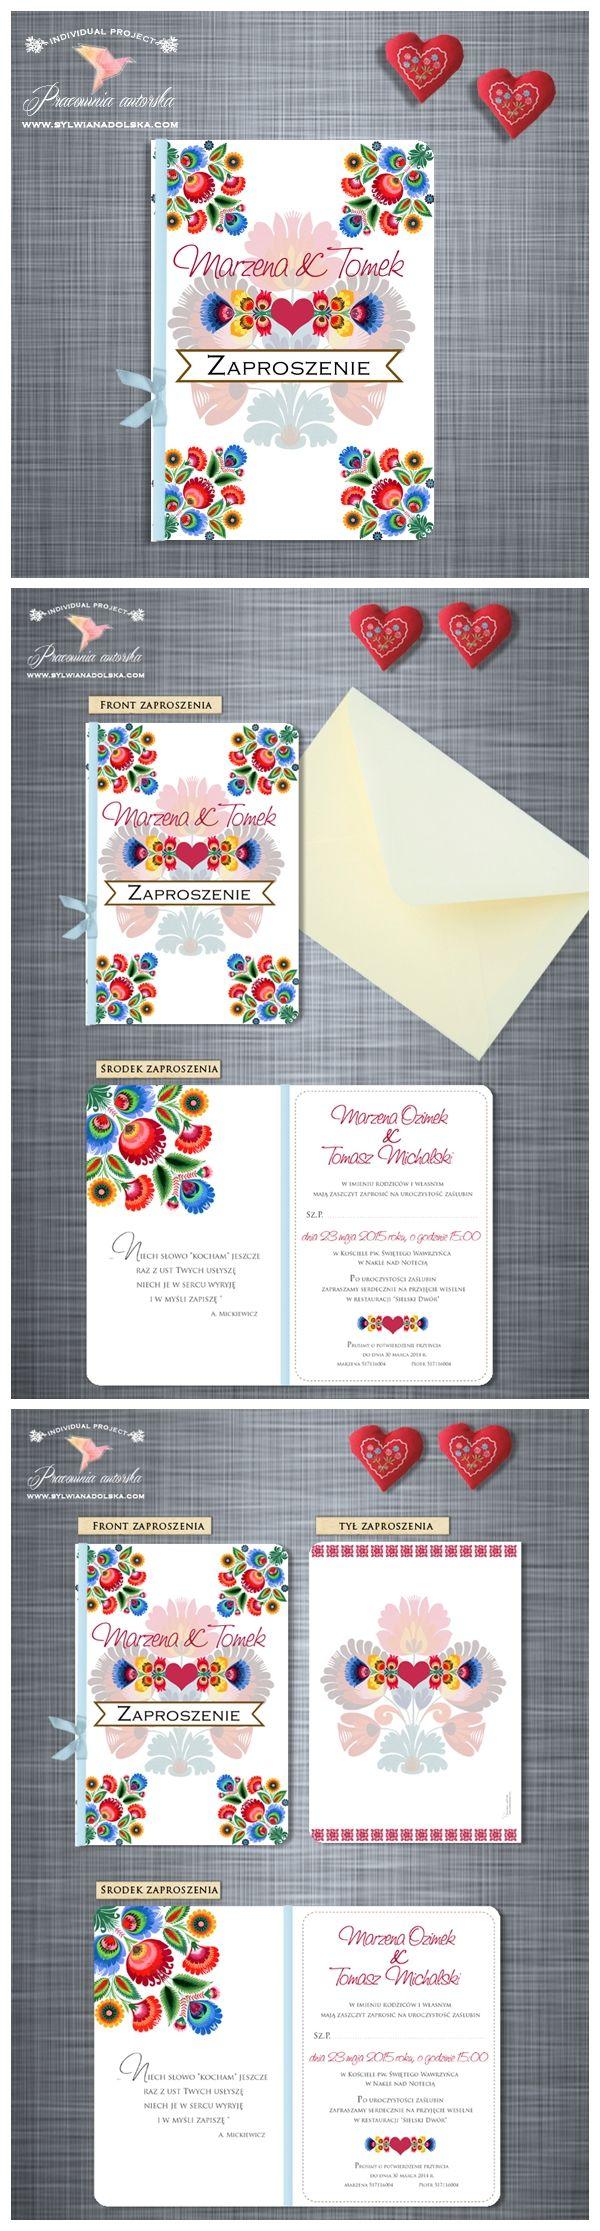 """Opis: Oryginalne zaproszenia ślubne z serii """"FOLK III"""". Drukowane na eleganckim papierze w kolorze białym. Prostokątne, otwierane na bok. Sylwia Nadolska Papeteria Ślubna www.sylwianadolsk... /// #sylwianadolska #zaproszeniaslubne #zaproszenianaslub #zaproszenia #slub #wesele #wedding #folklor #folk #vintage #winietki #papeteria #dodatkislubne #zaproszenia"""